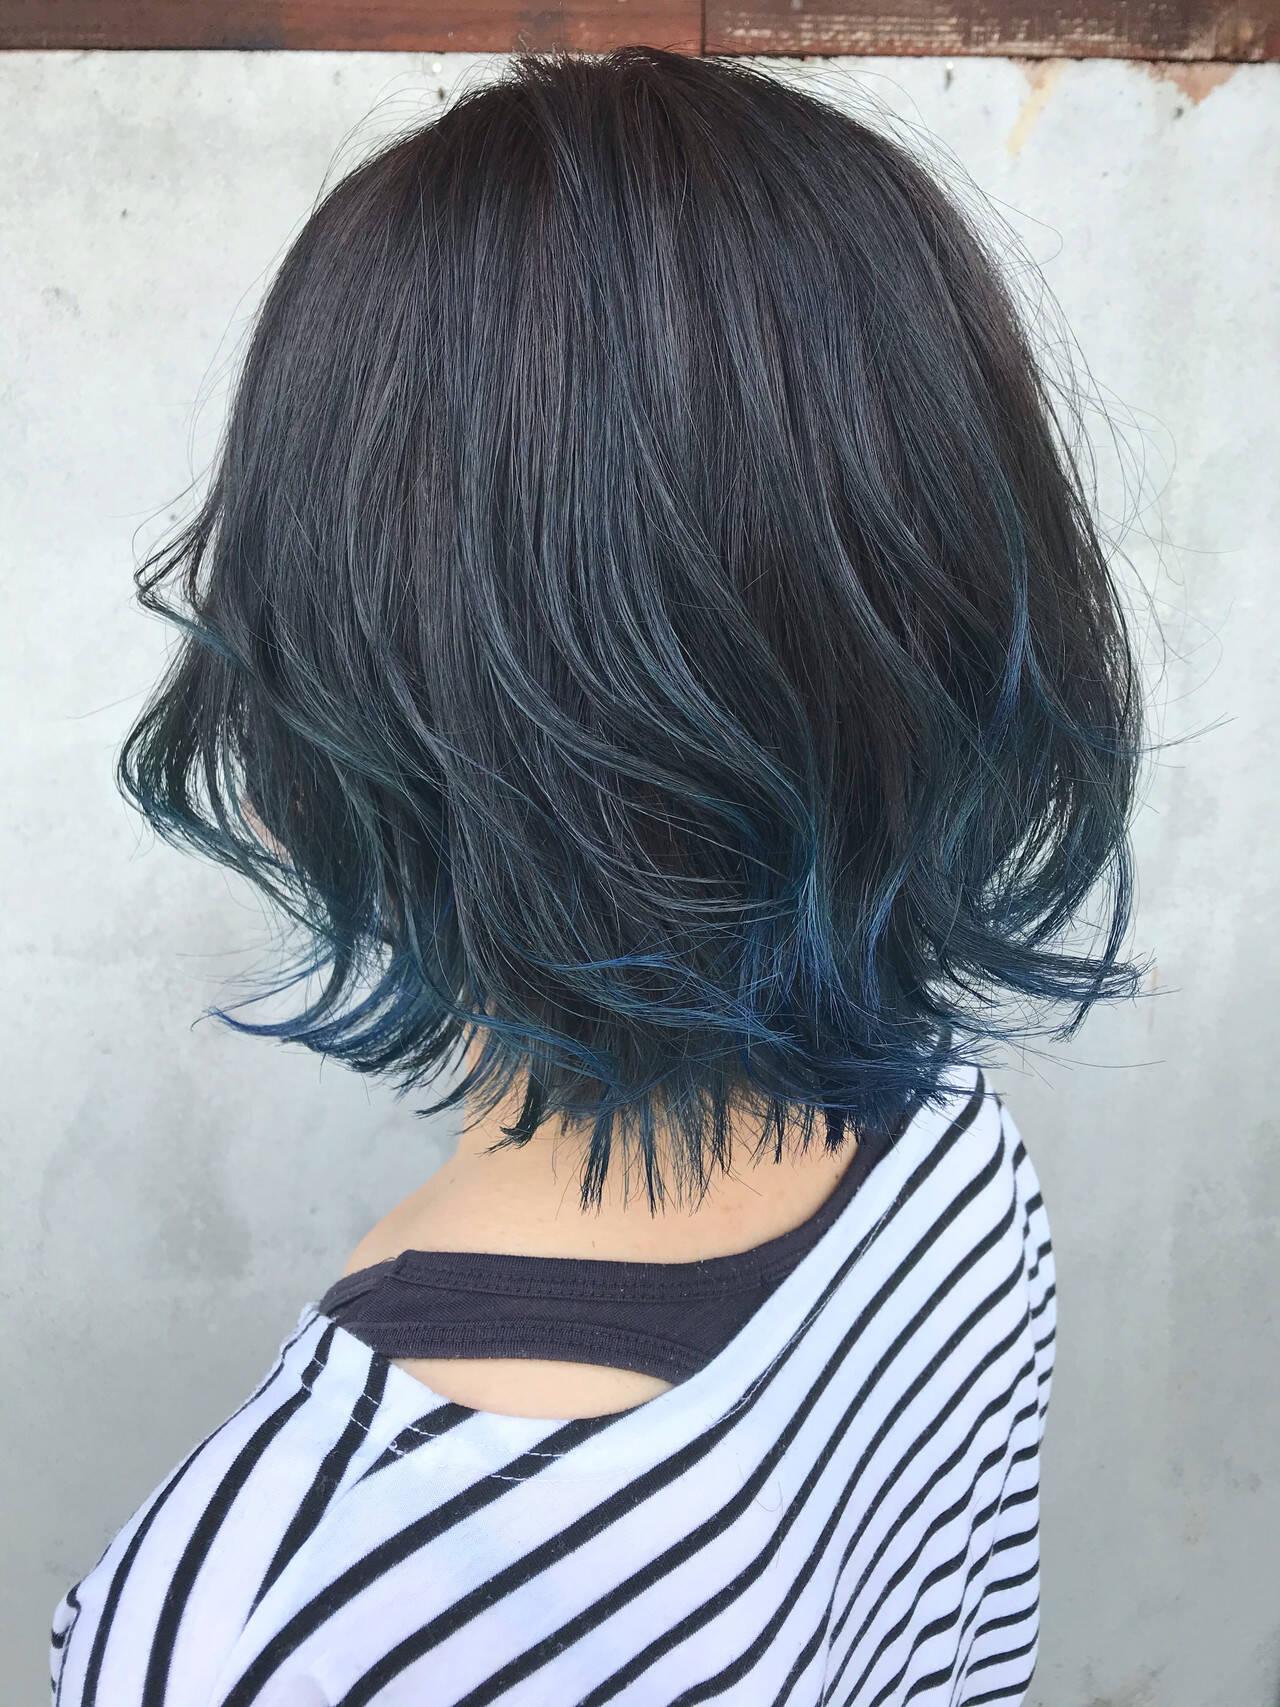 ブルーアッシュ ボブ インナーカラー 裾カラーヘアスタイルや髪型の写真・画像